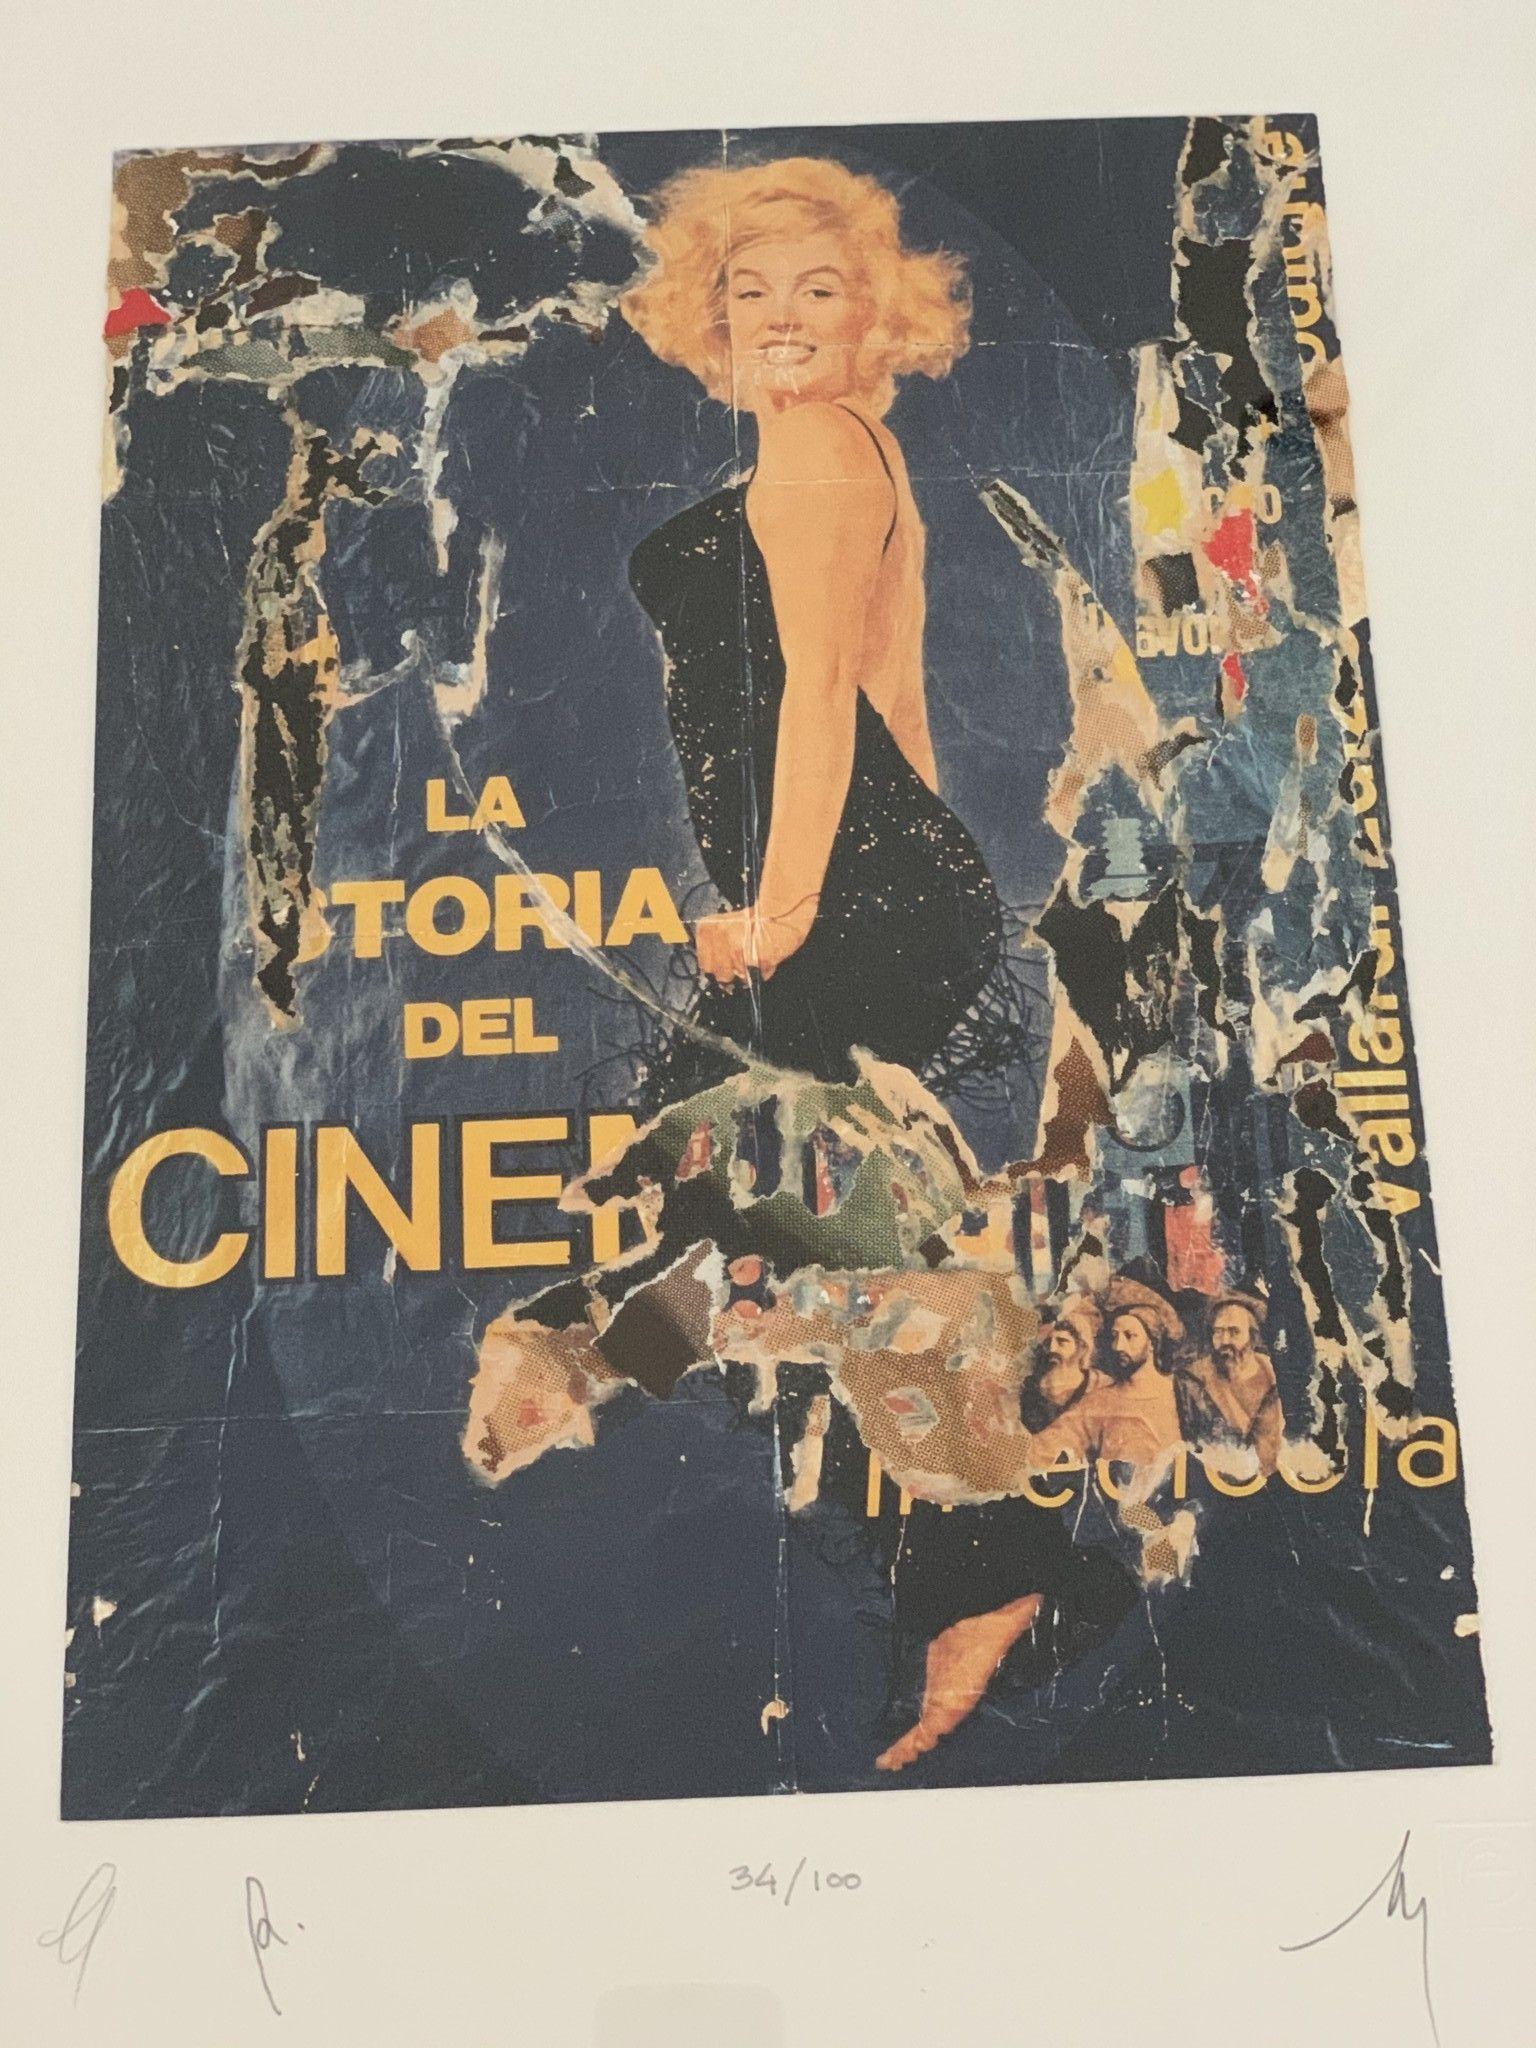 """SERIGRAFIA MIMMO ROTELLA """" LA STORIA DEL CINEMA """"  dimensioni L 52 x H 62 cm."""